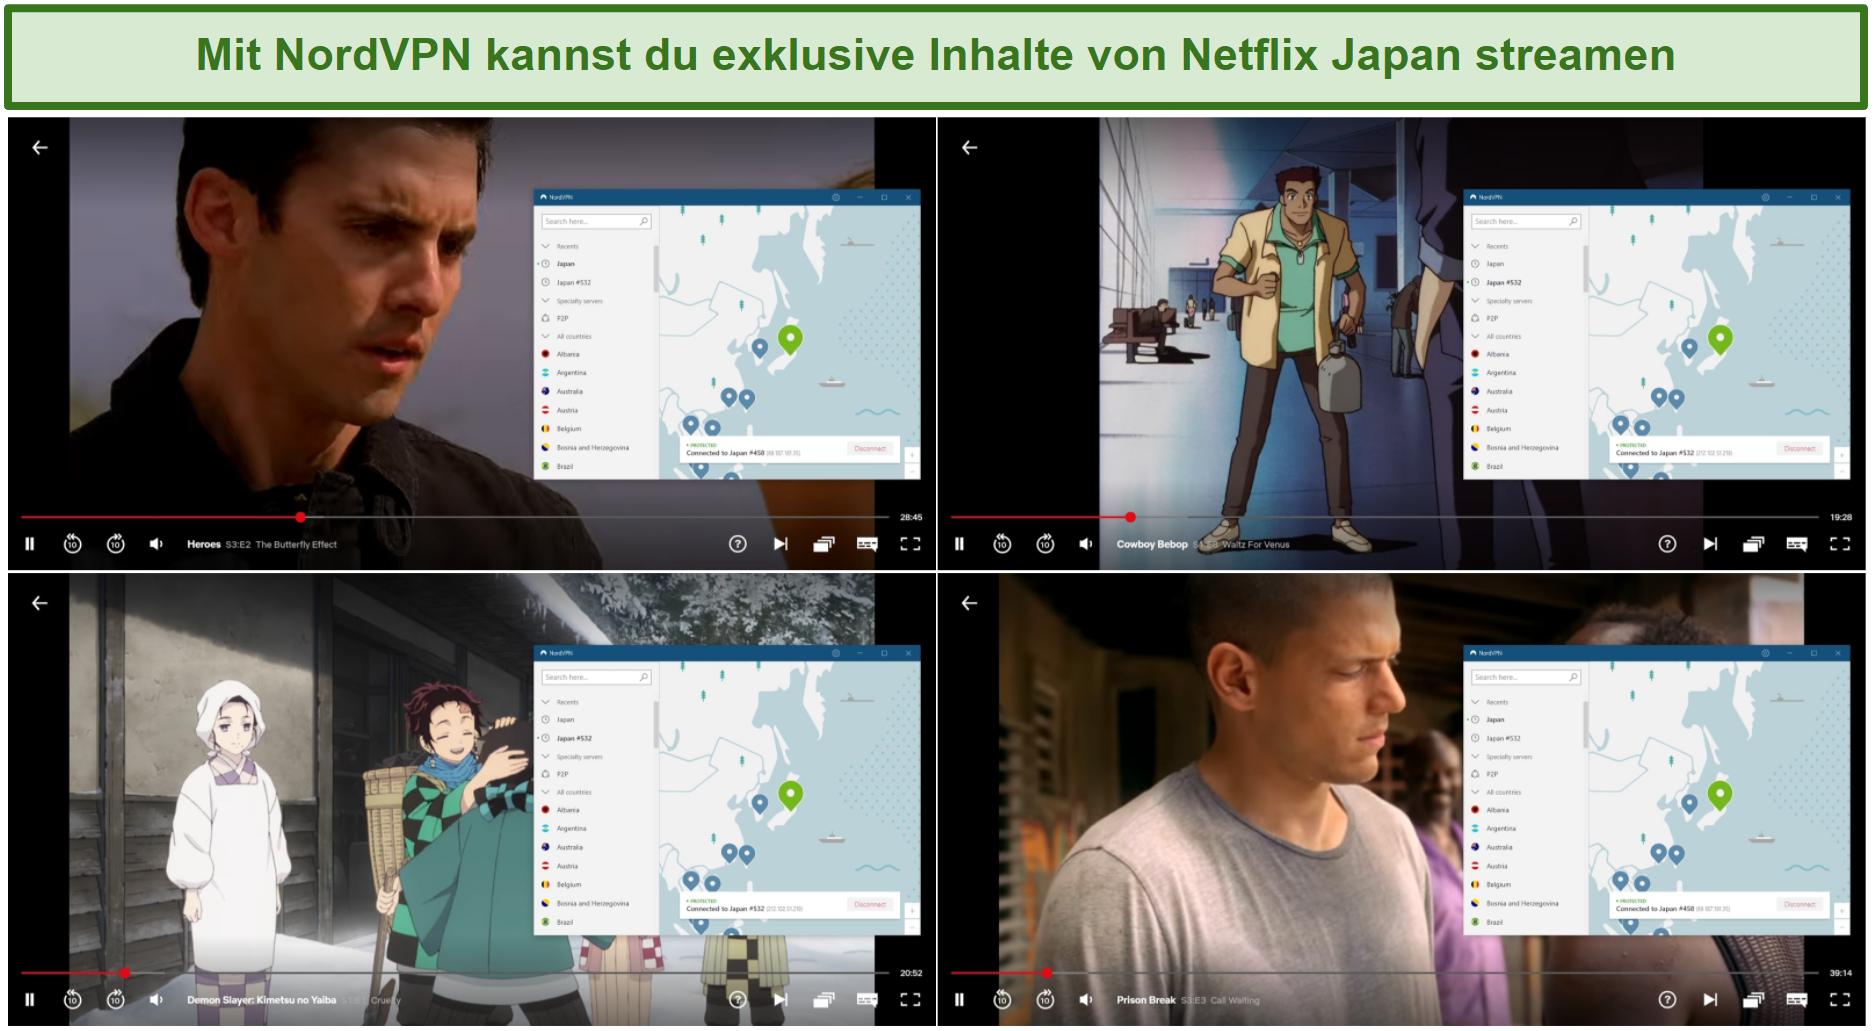 Screenshot von NordVPN Streaming Prison Break, Cowboy Bebop, Heroes und Demon Slayer: Kimetsu no Yaiba von Netflix Japan